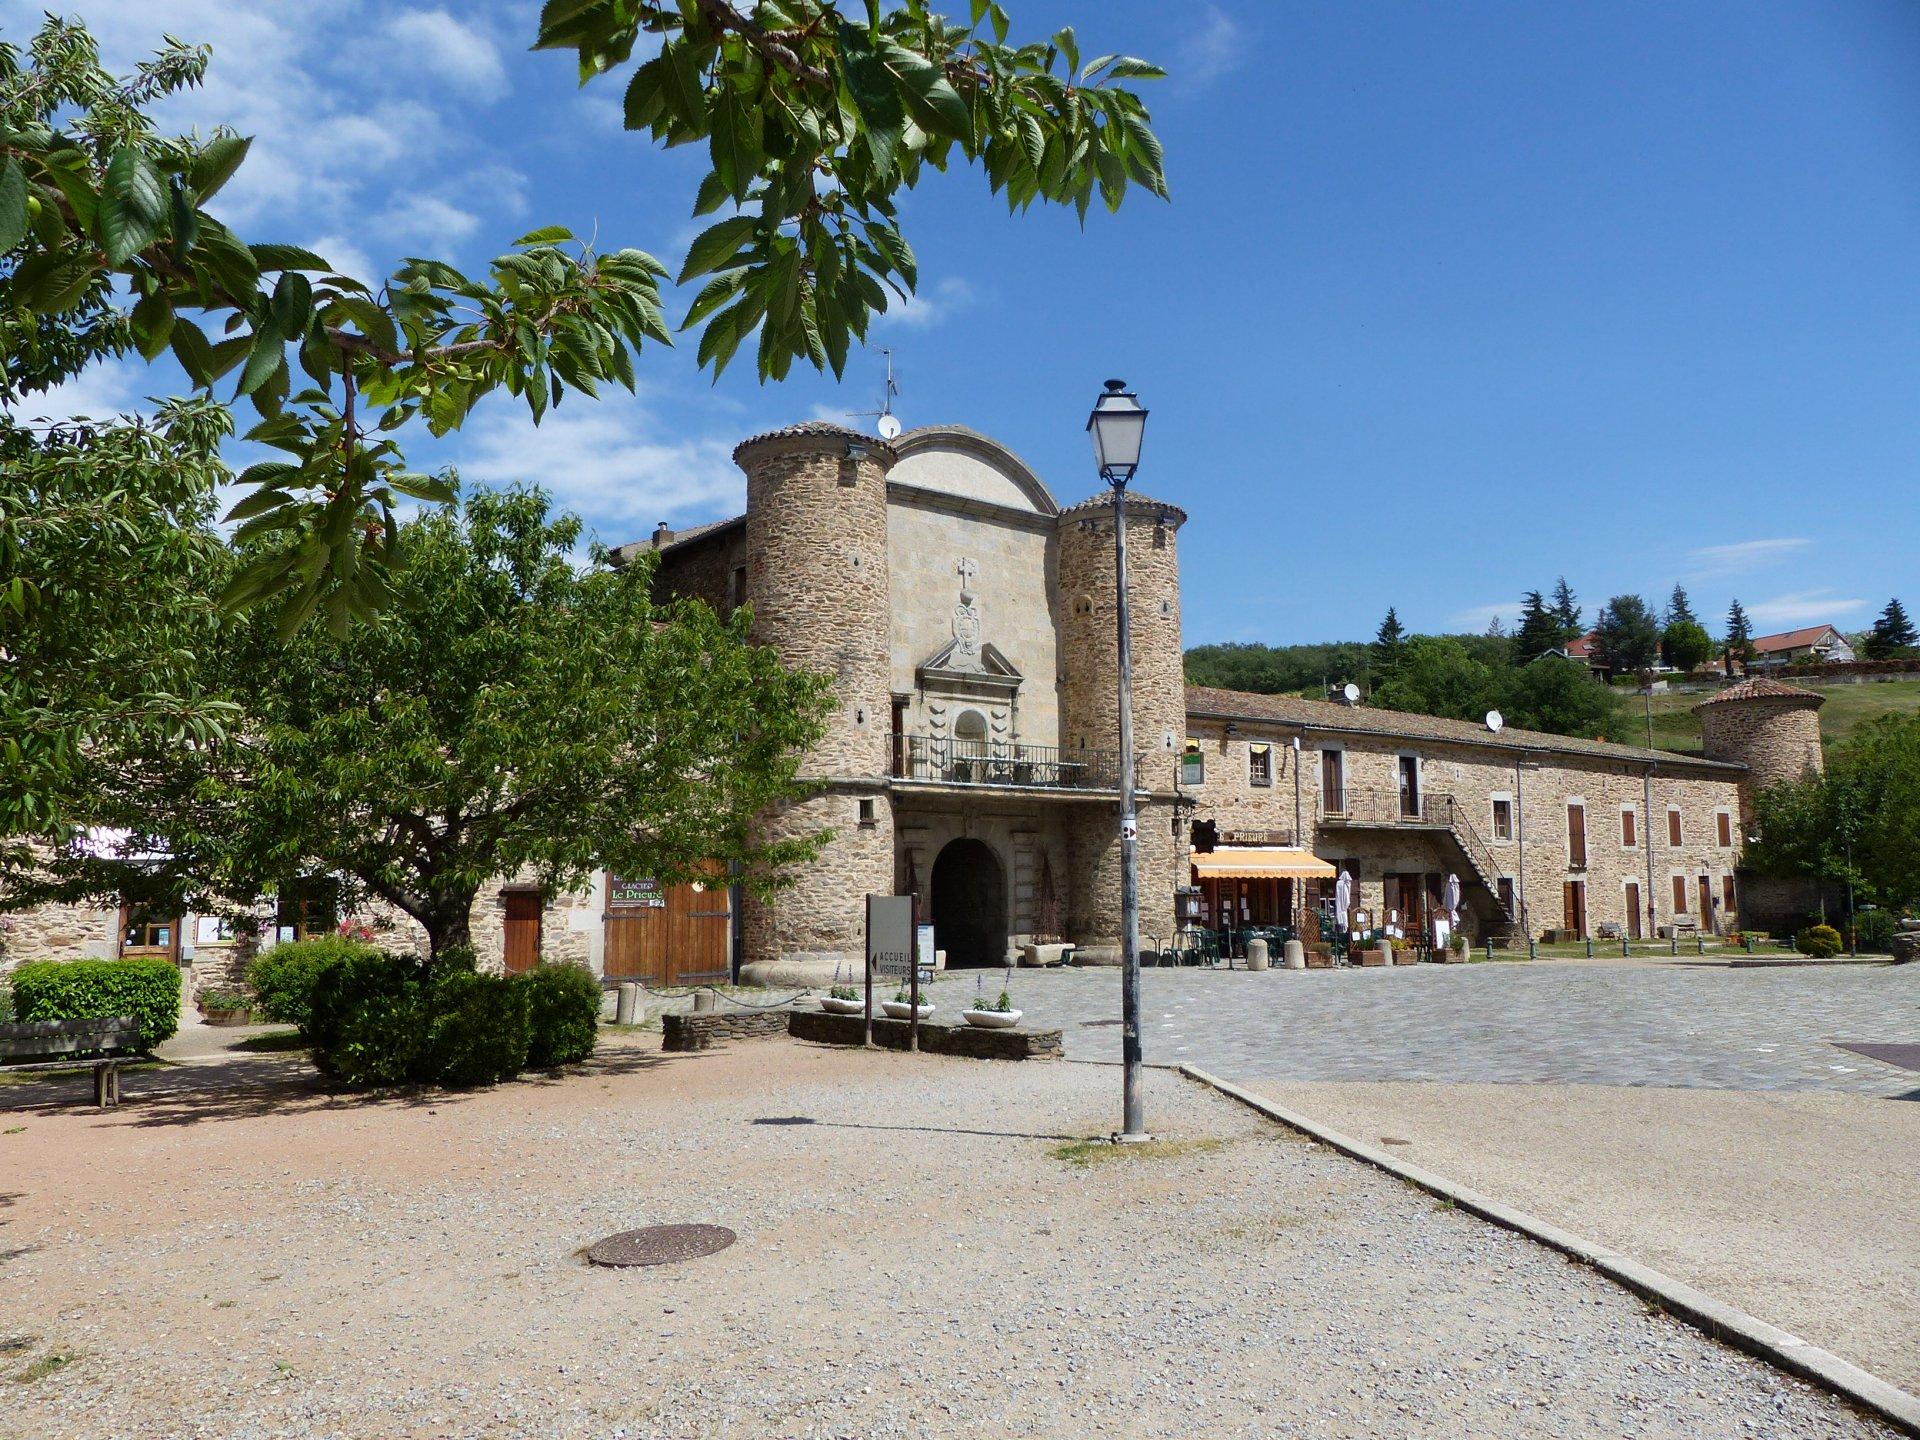 Maison au cœur de village historique